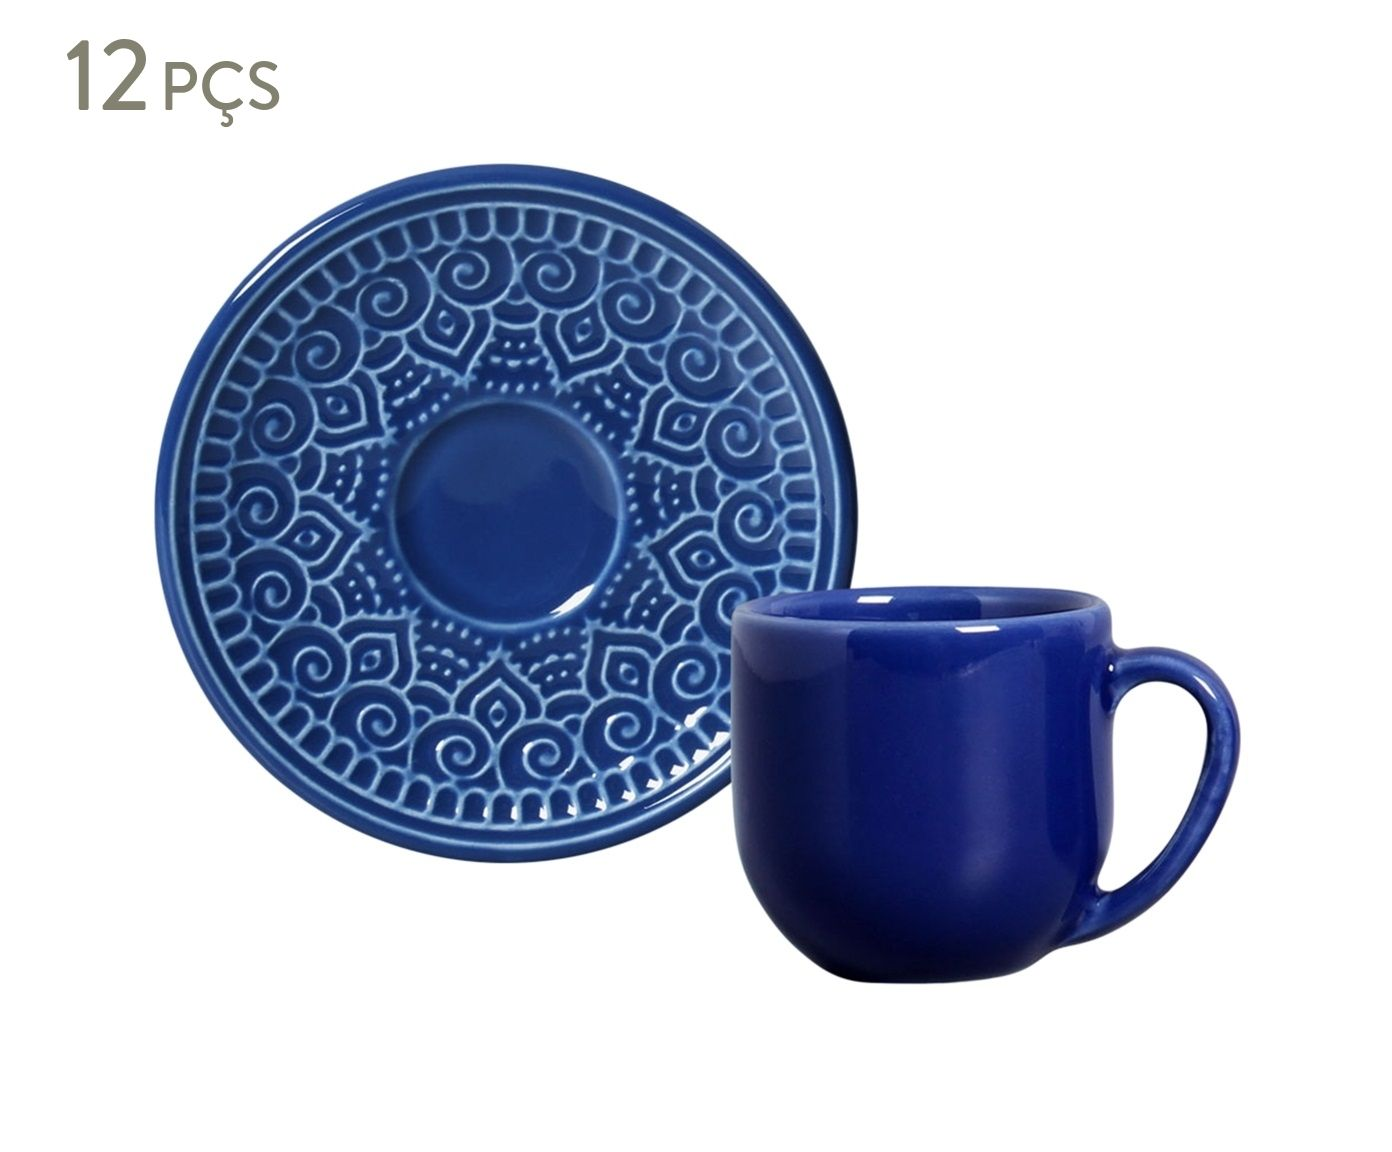 Jogo de Xícaras para Café com Pires Agra Azul Navy - 112ml | Westwing.com.br